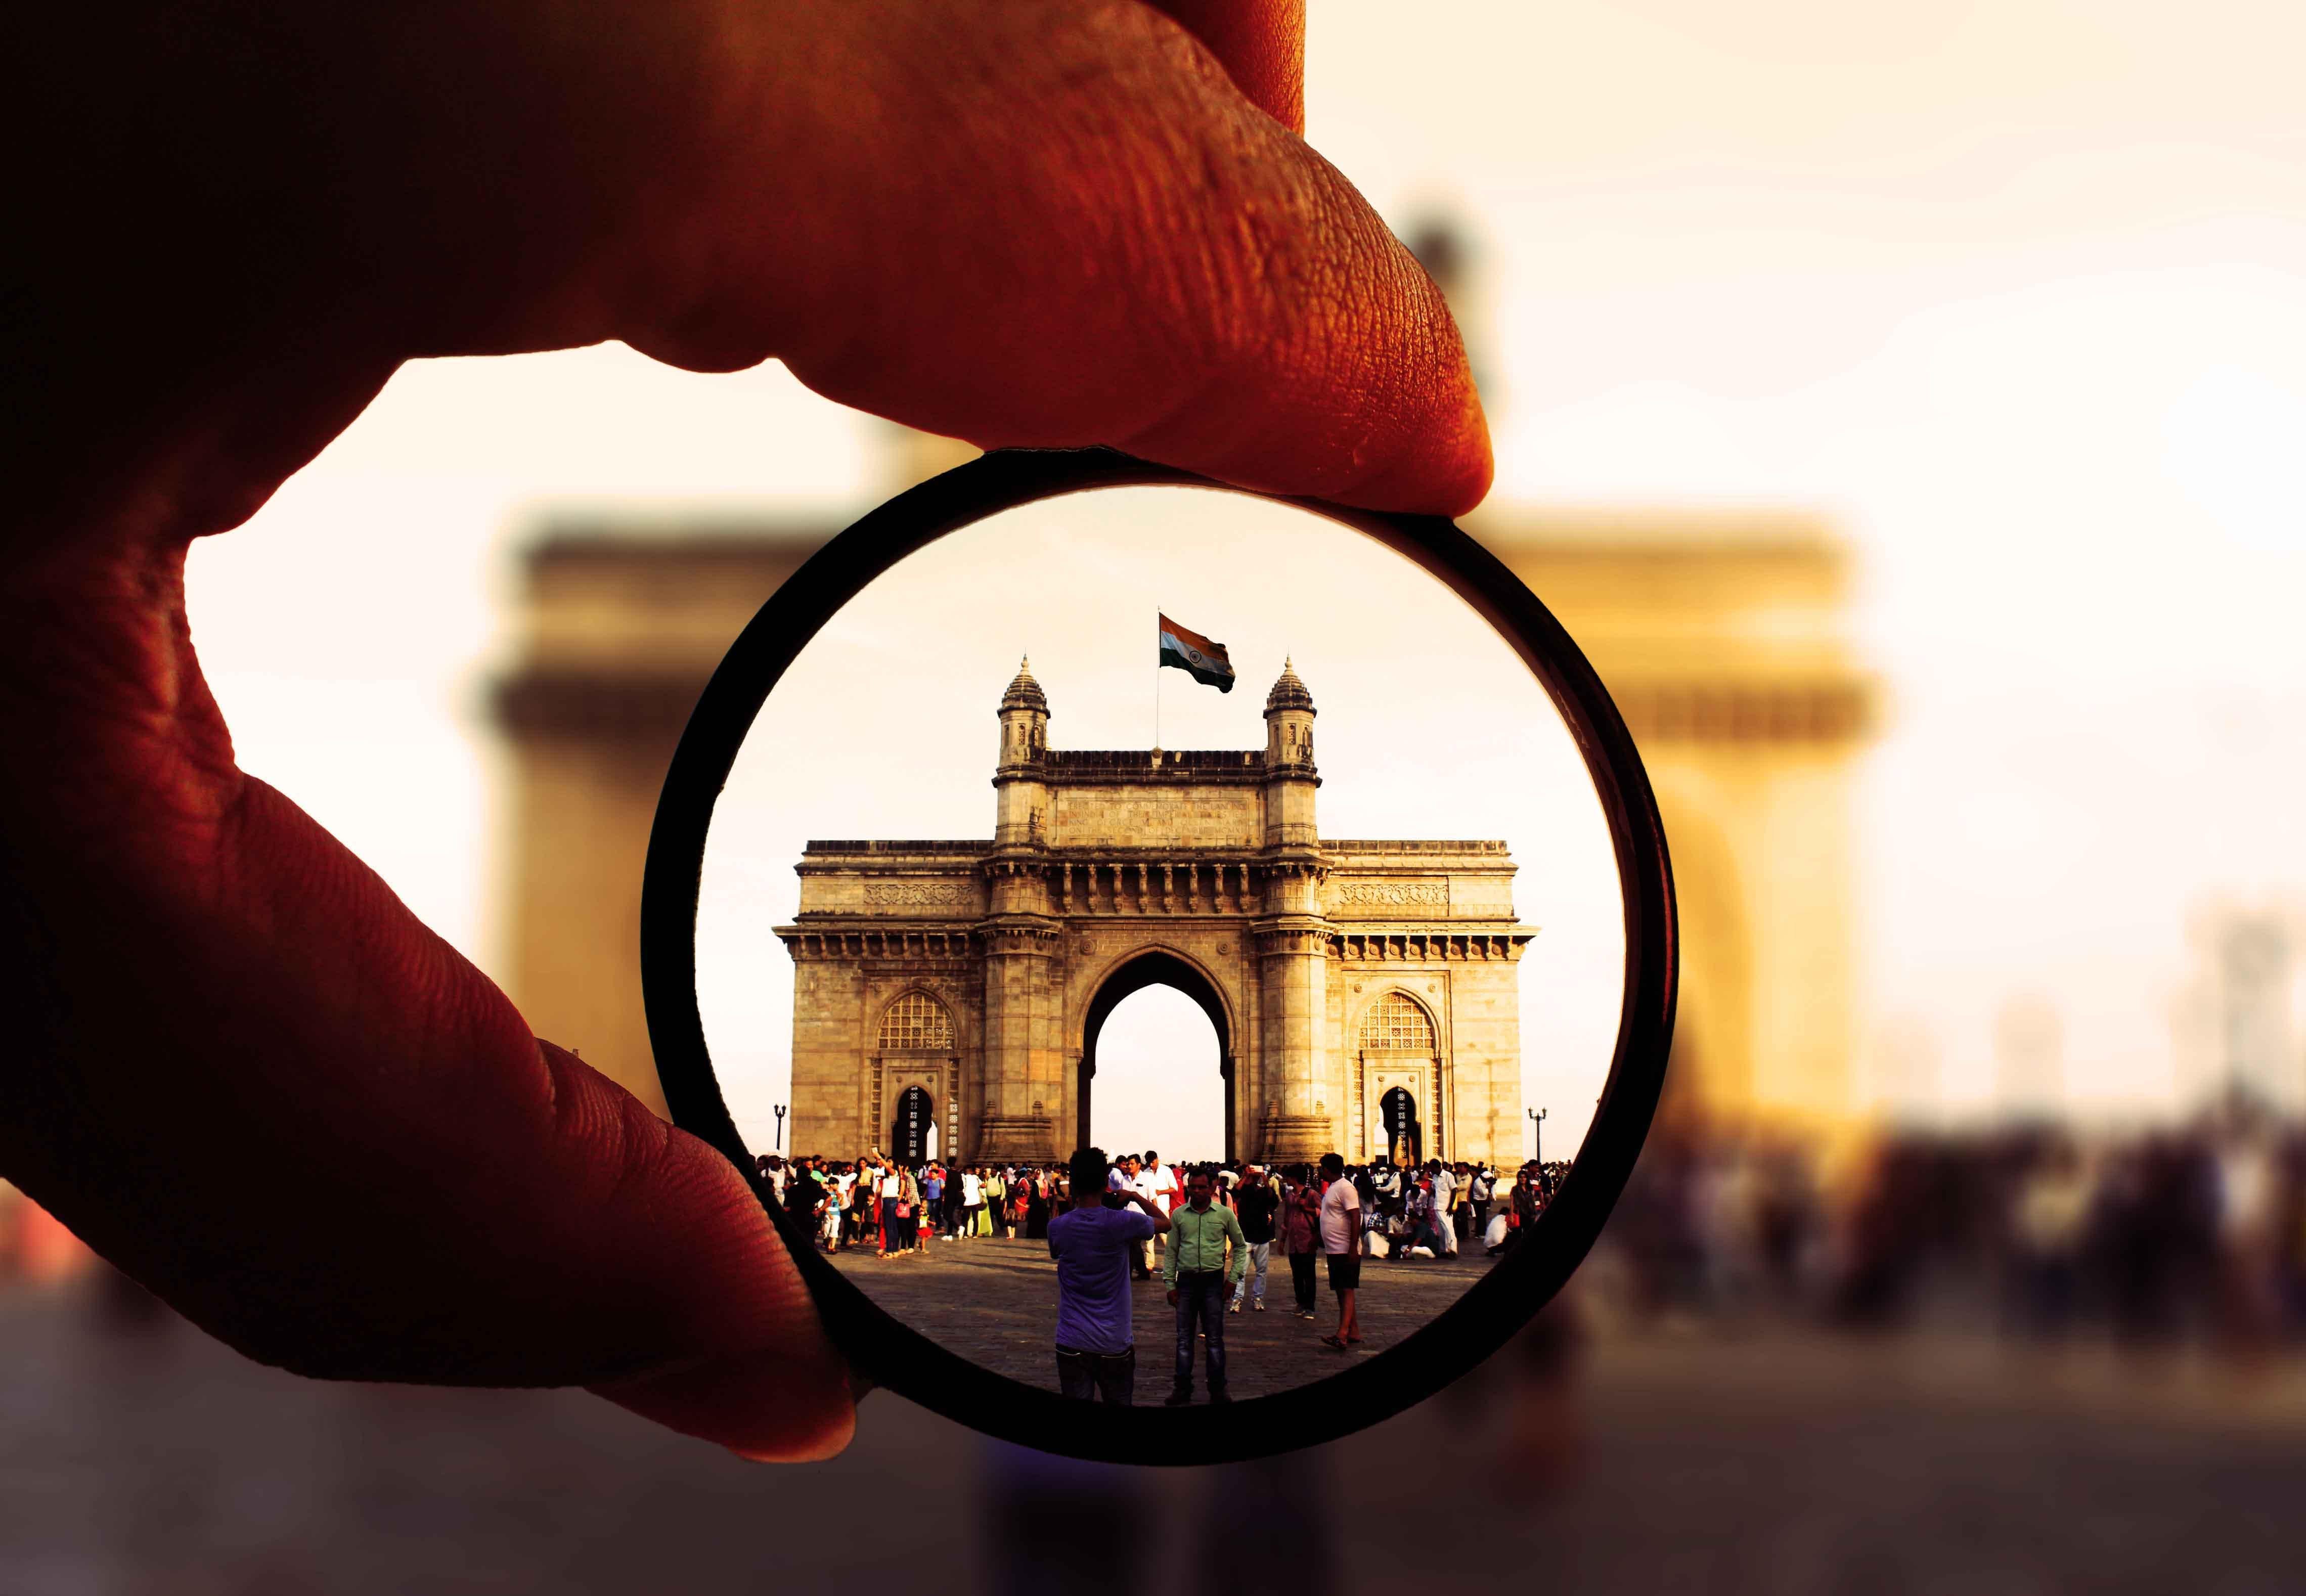 Kostenloses Stock Foto zu architektur, hand, indien, indische flagge